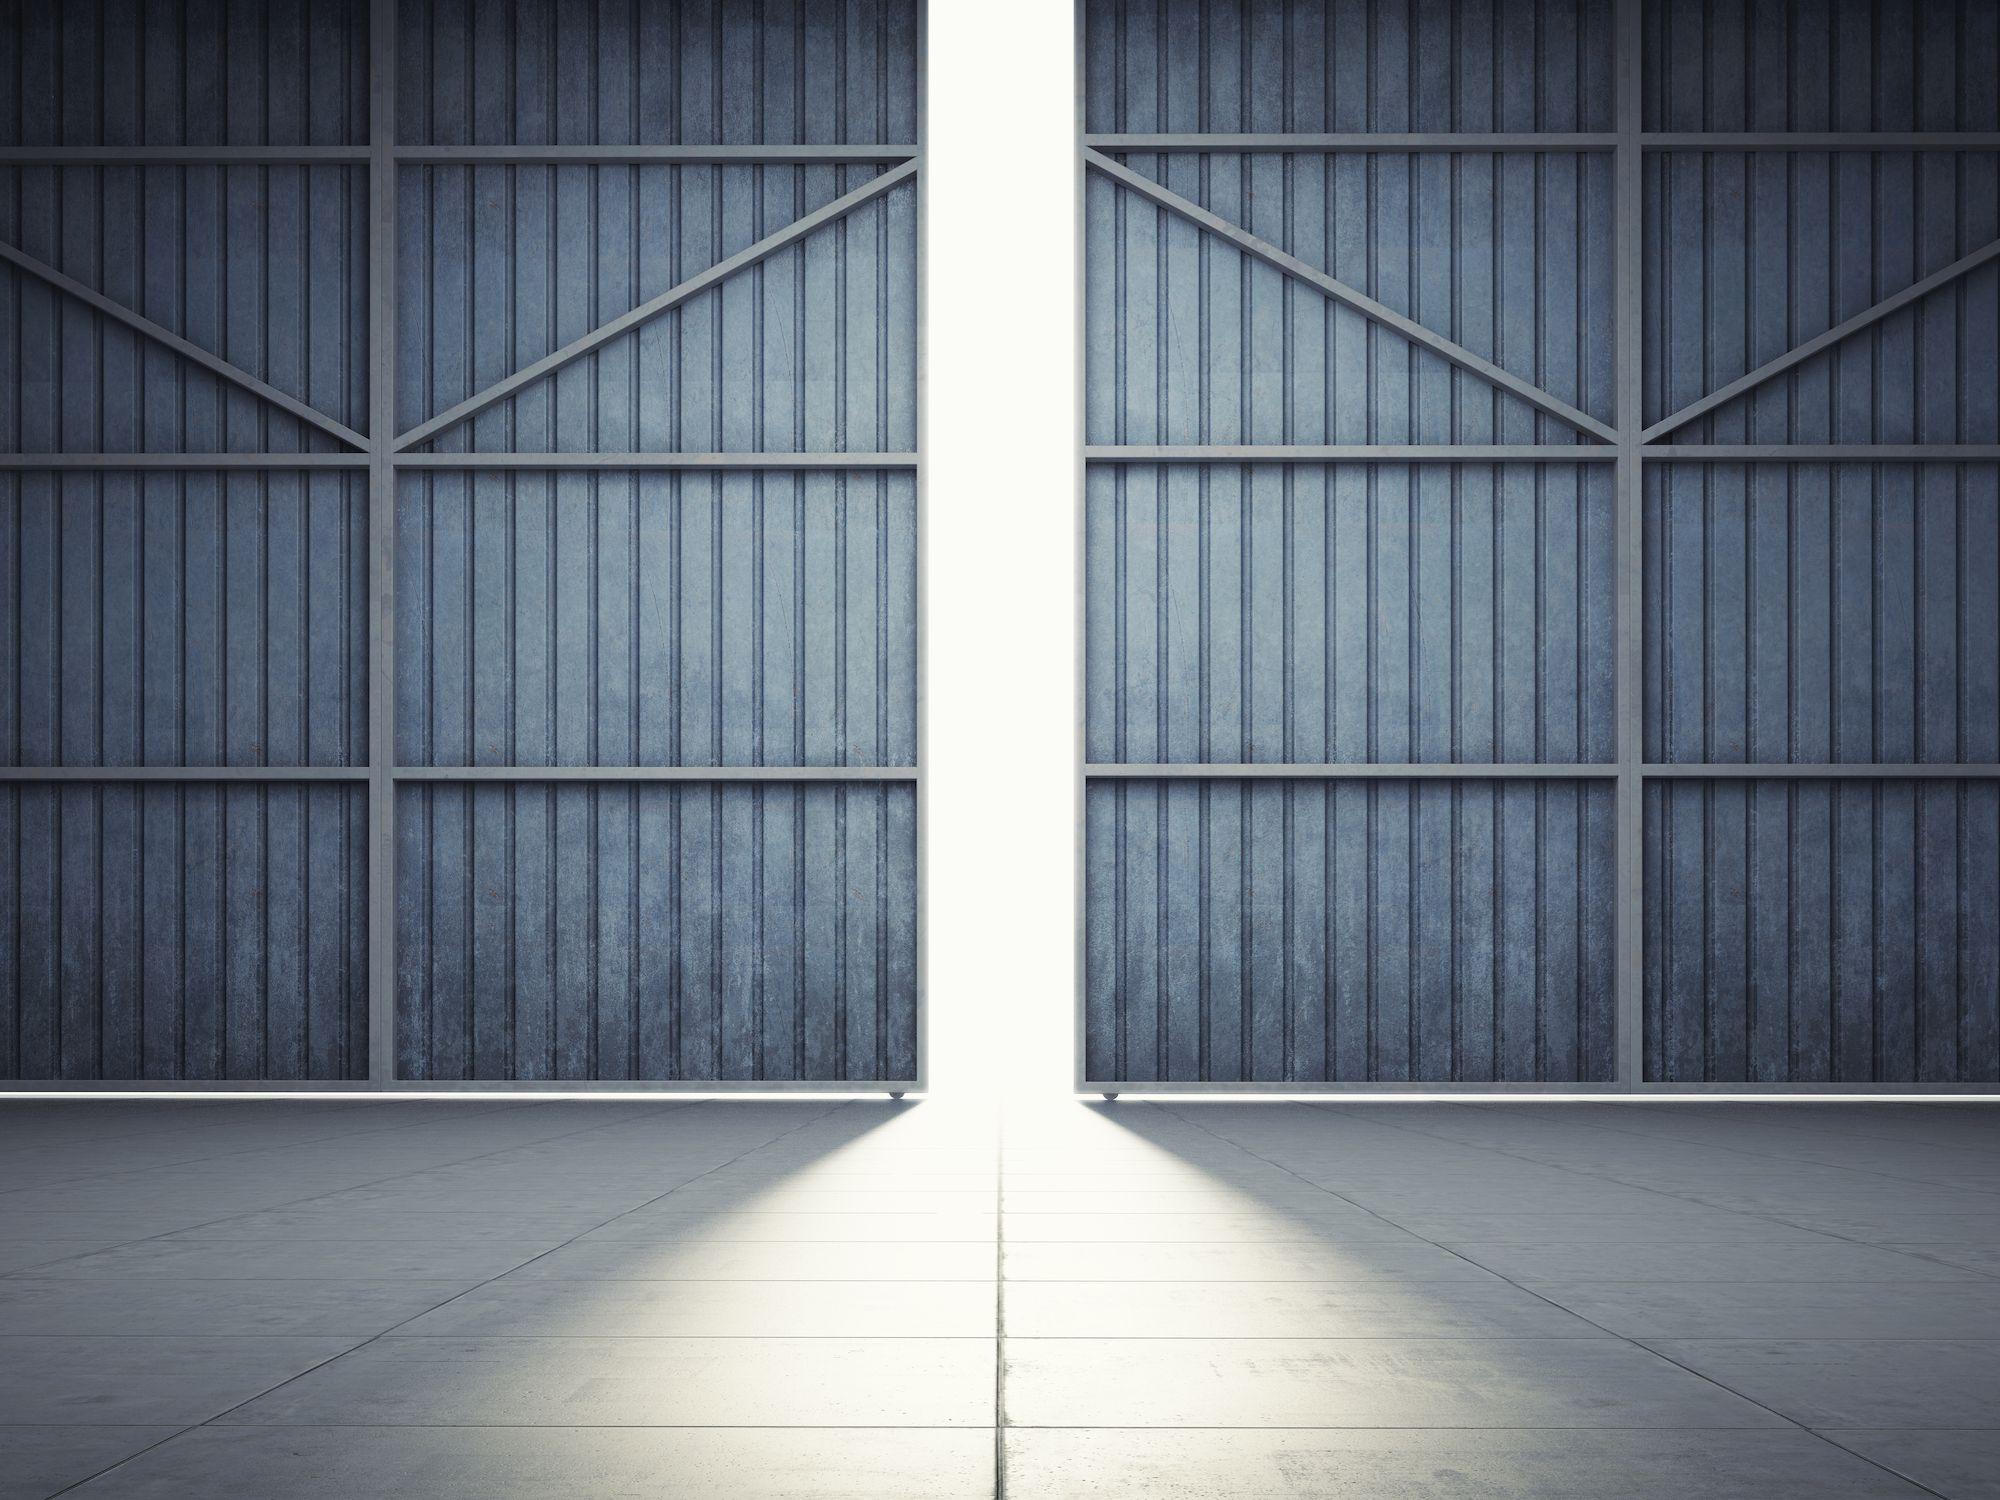 Openstaande hangar